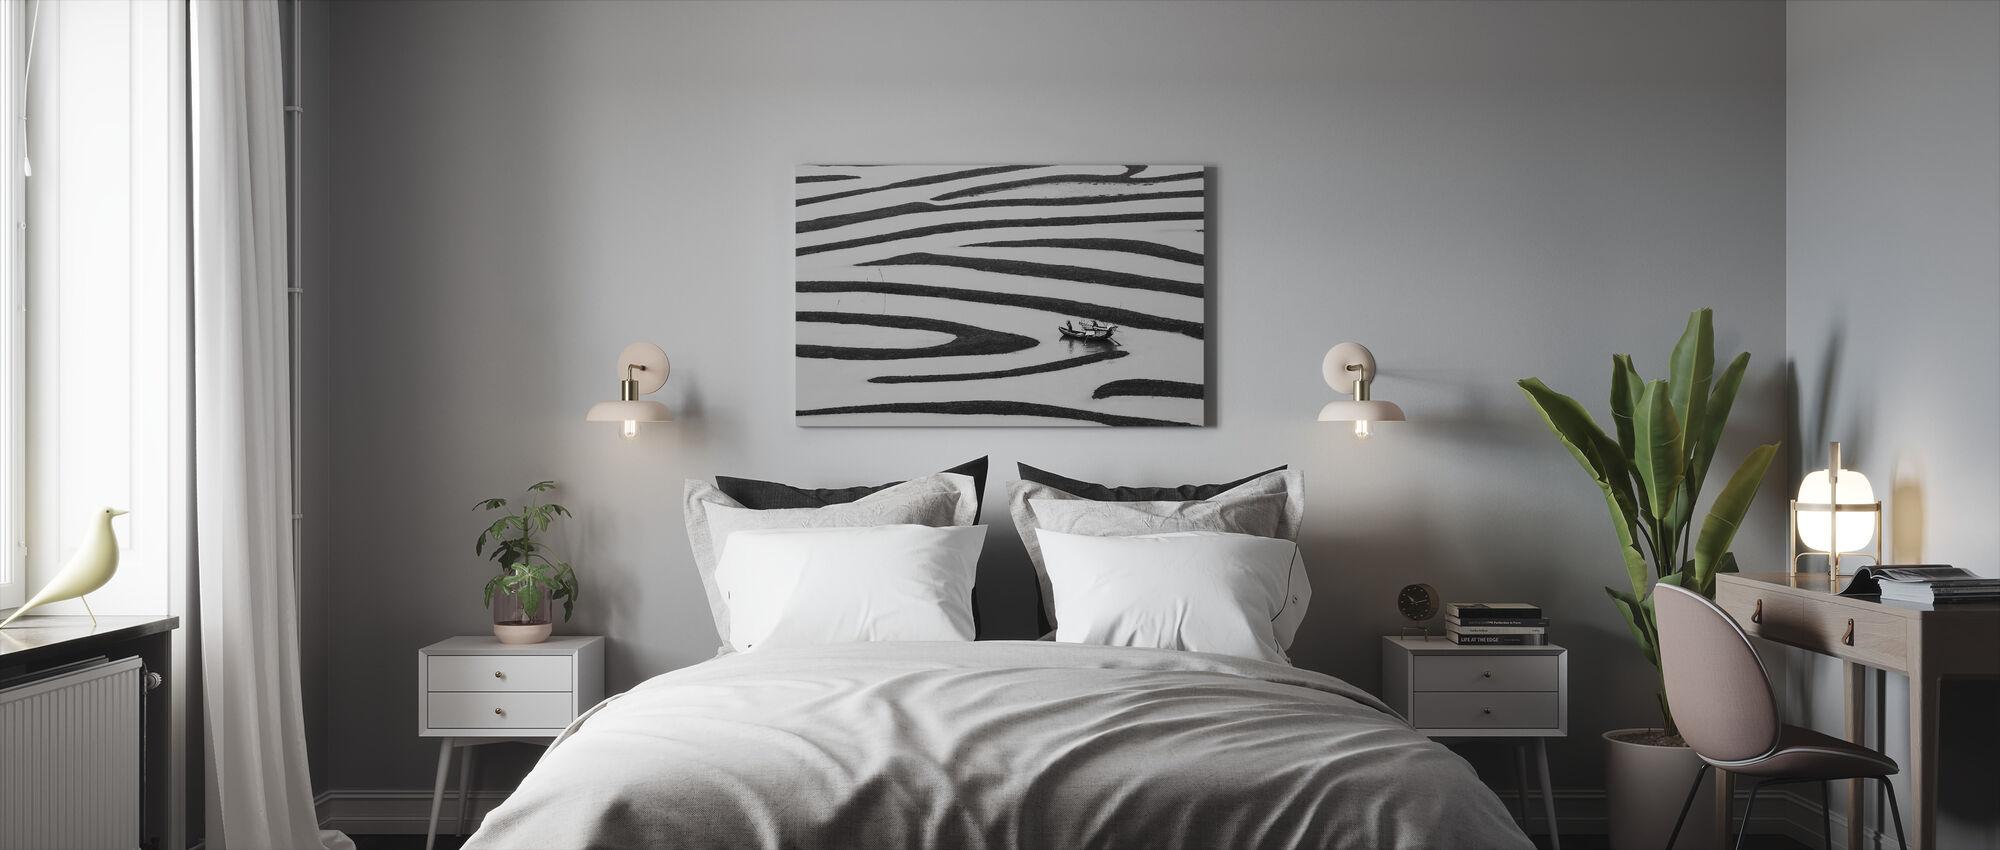 De schoonheid van het eenvoudige leven, zwart-wit - Canvas print - Slaapkamer